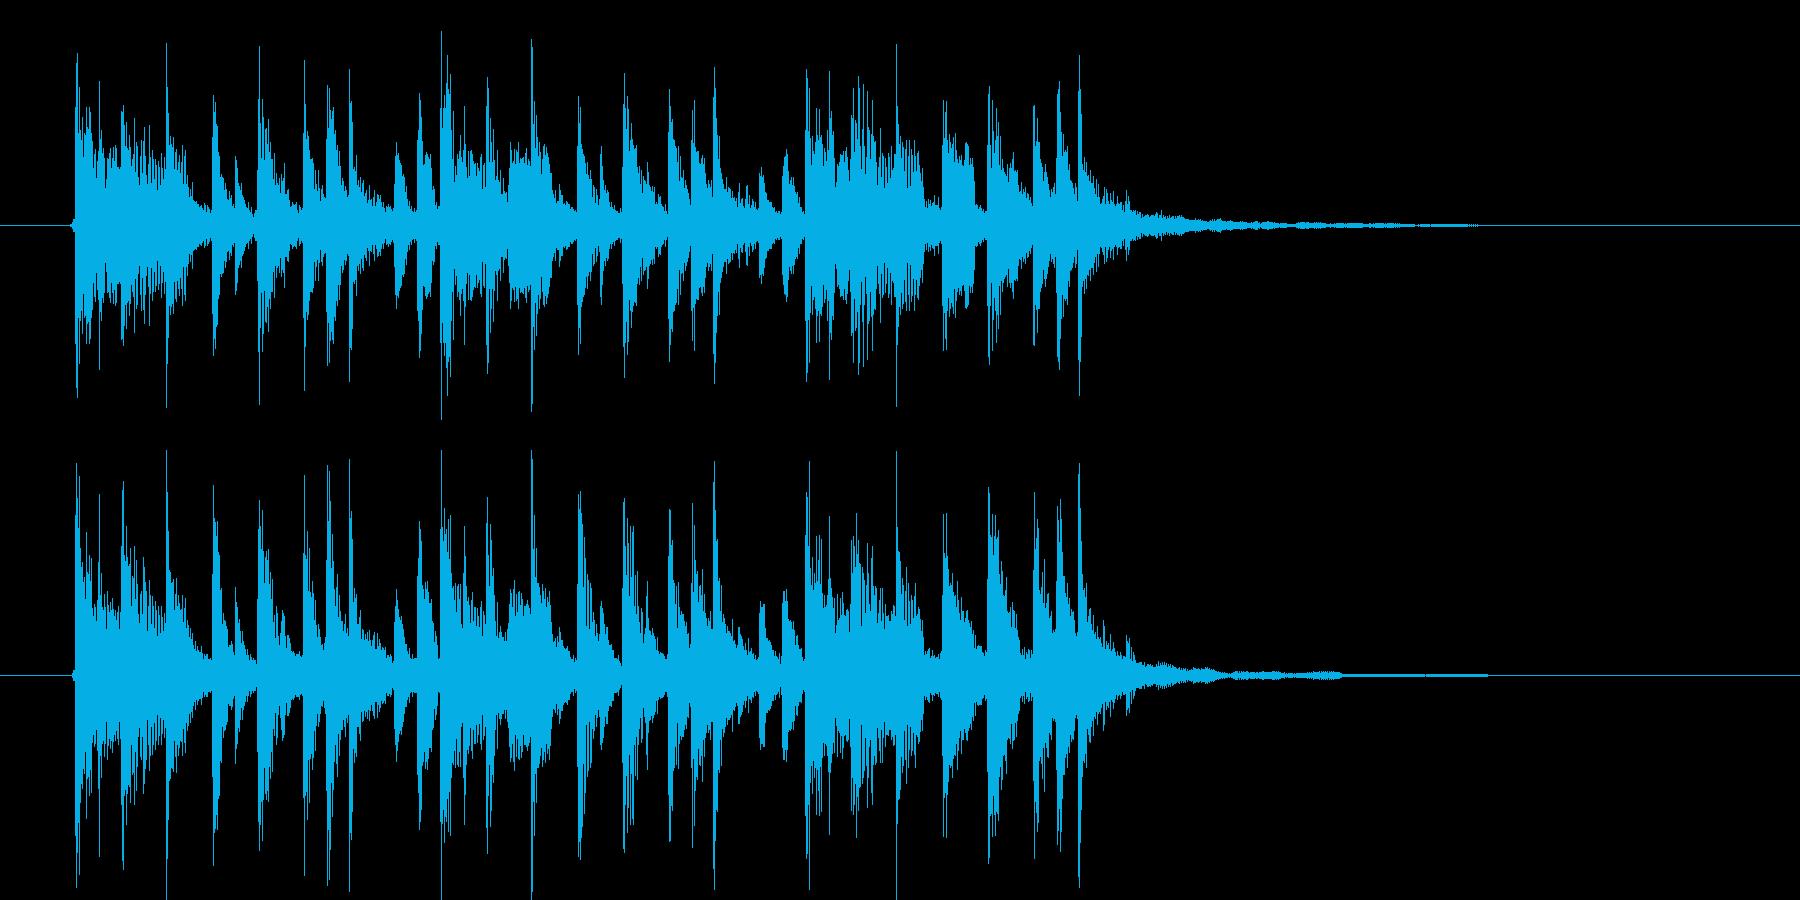 わくわくする勢いのある短めのジングルの再生済みの波形